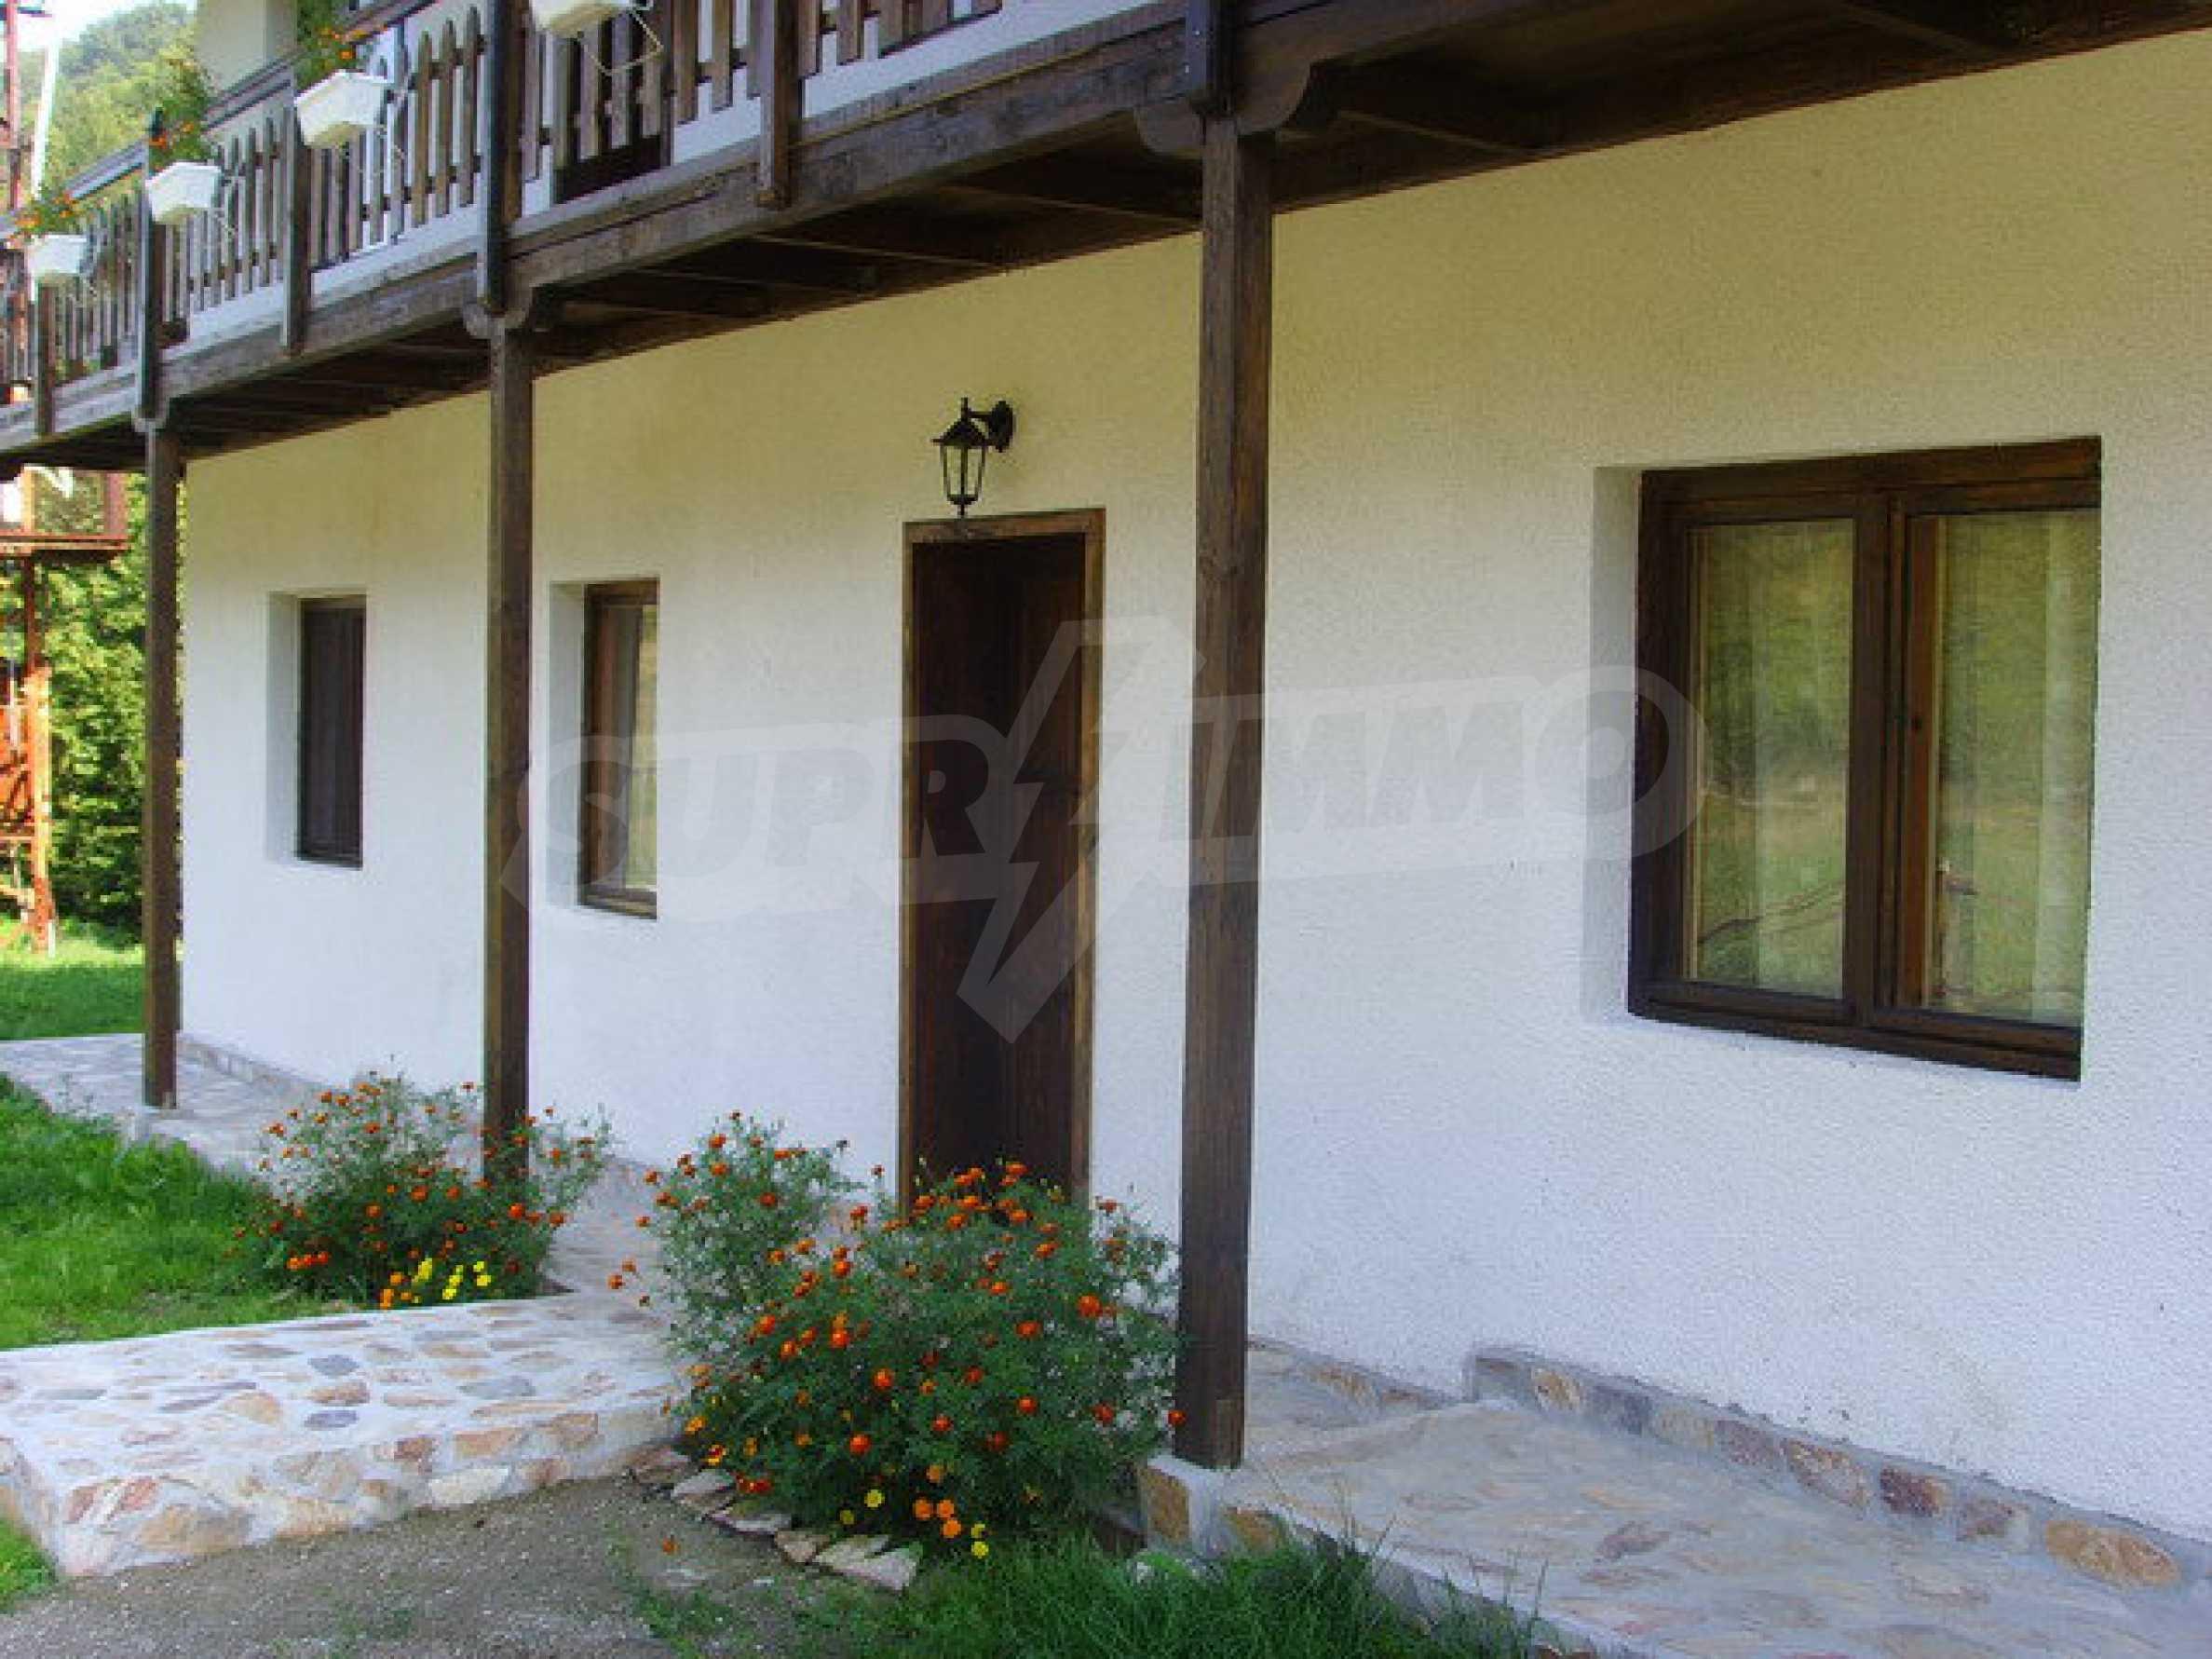 Geräumiges, voll möbliertes und ausgestattetes zweistöckiges Haus in Ribaritsa 39